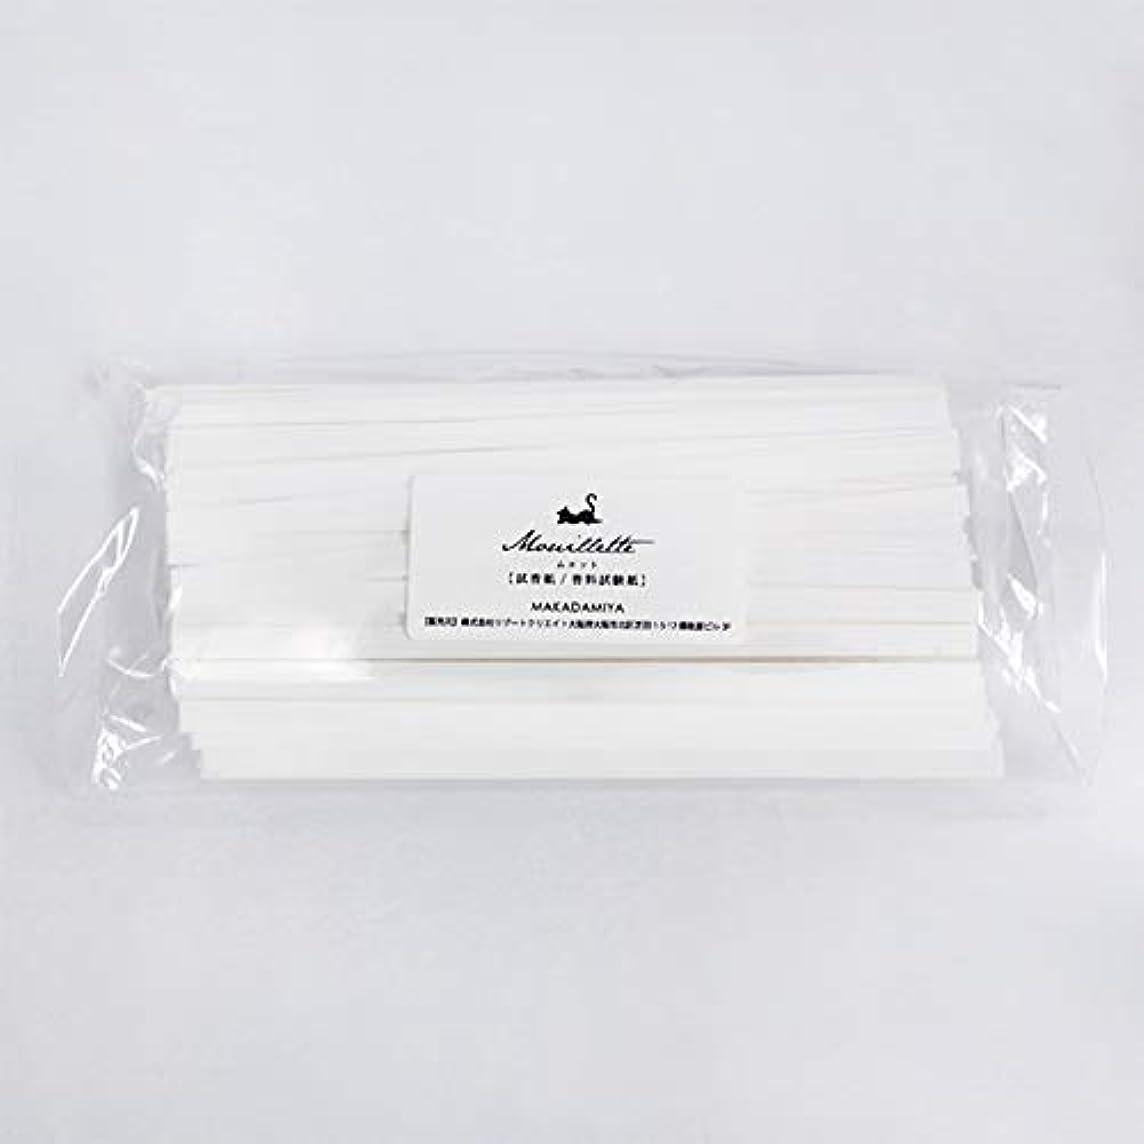 縁にぎやか相談ムエット500本入り 大容量 プロ用(アロマ検定試験対応 試香紙 香料試験紙)